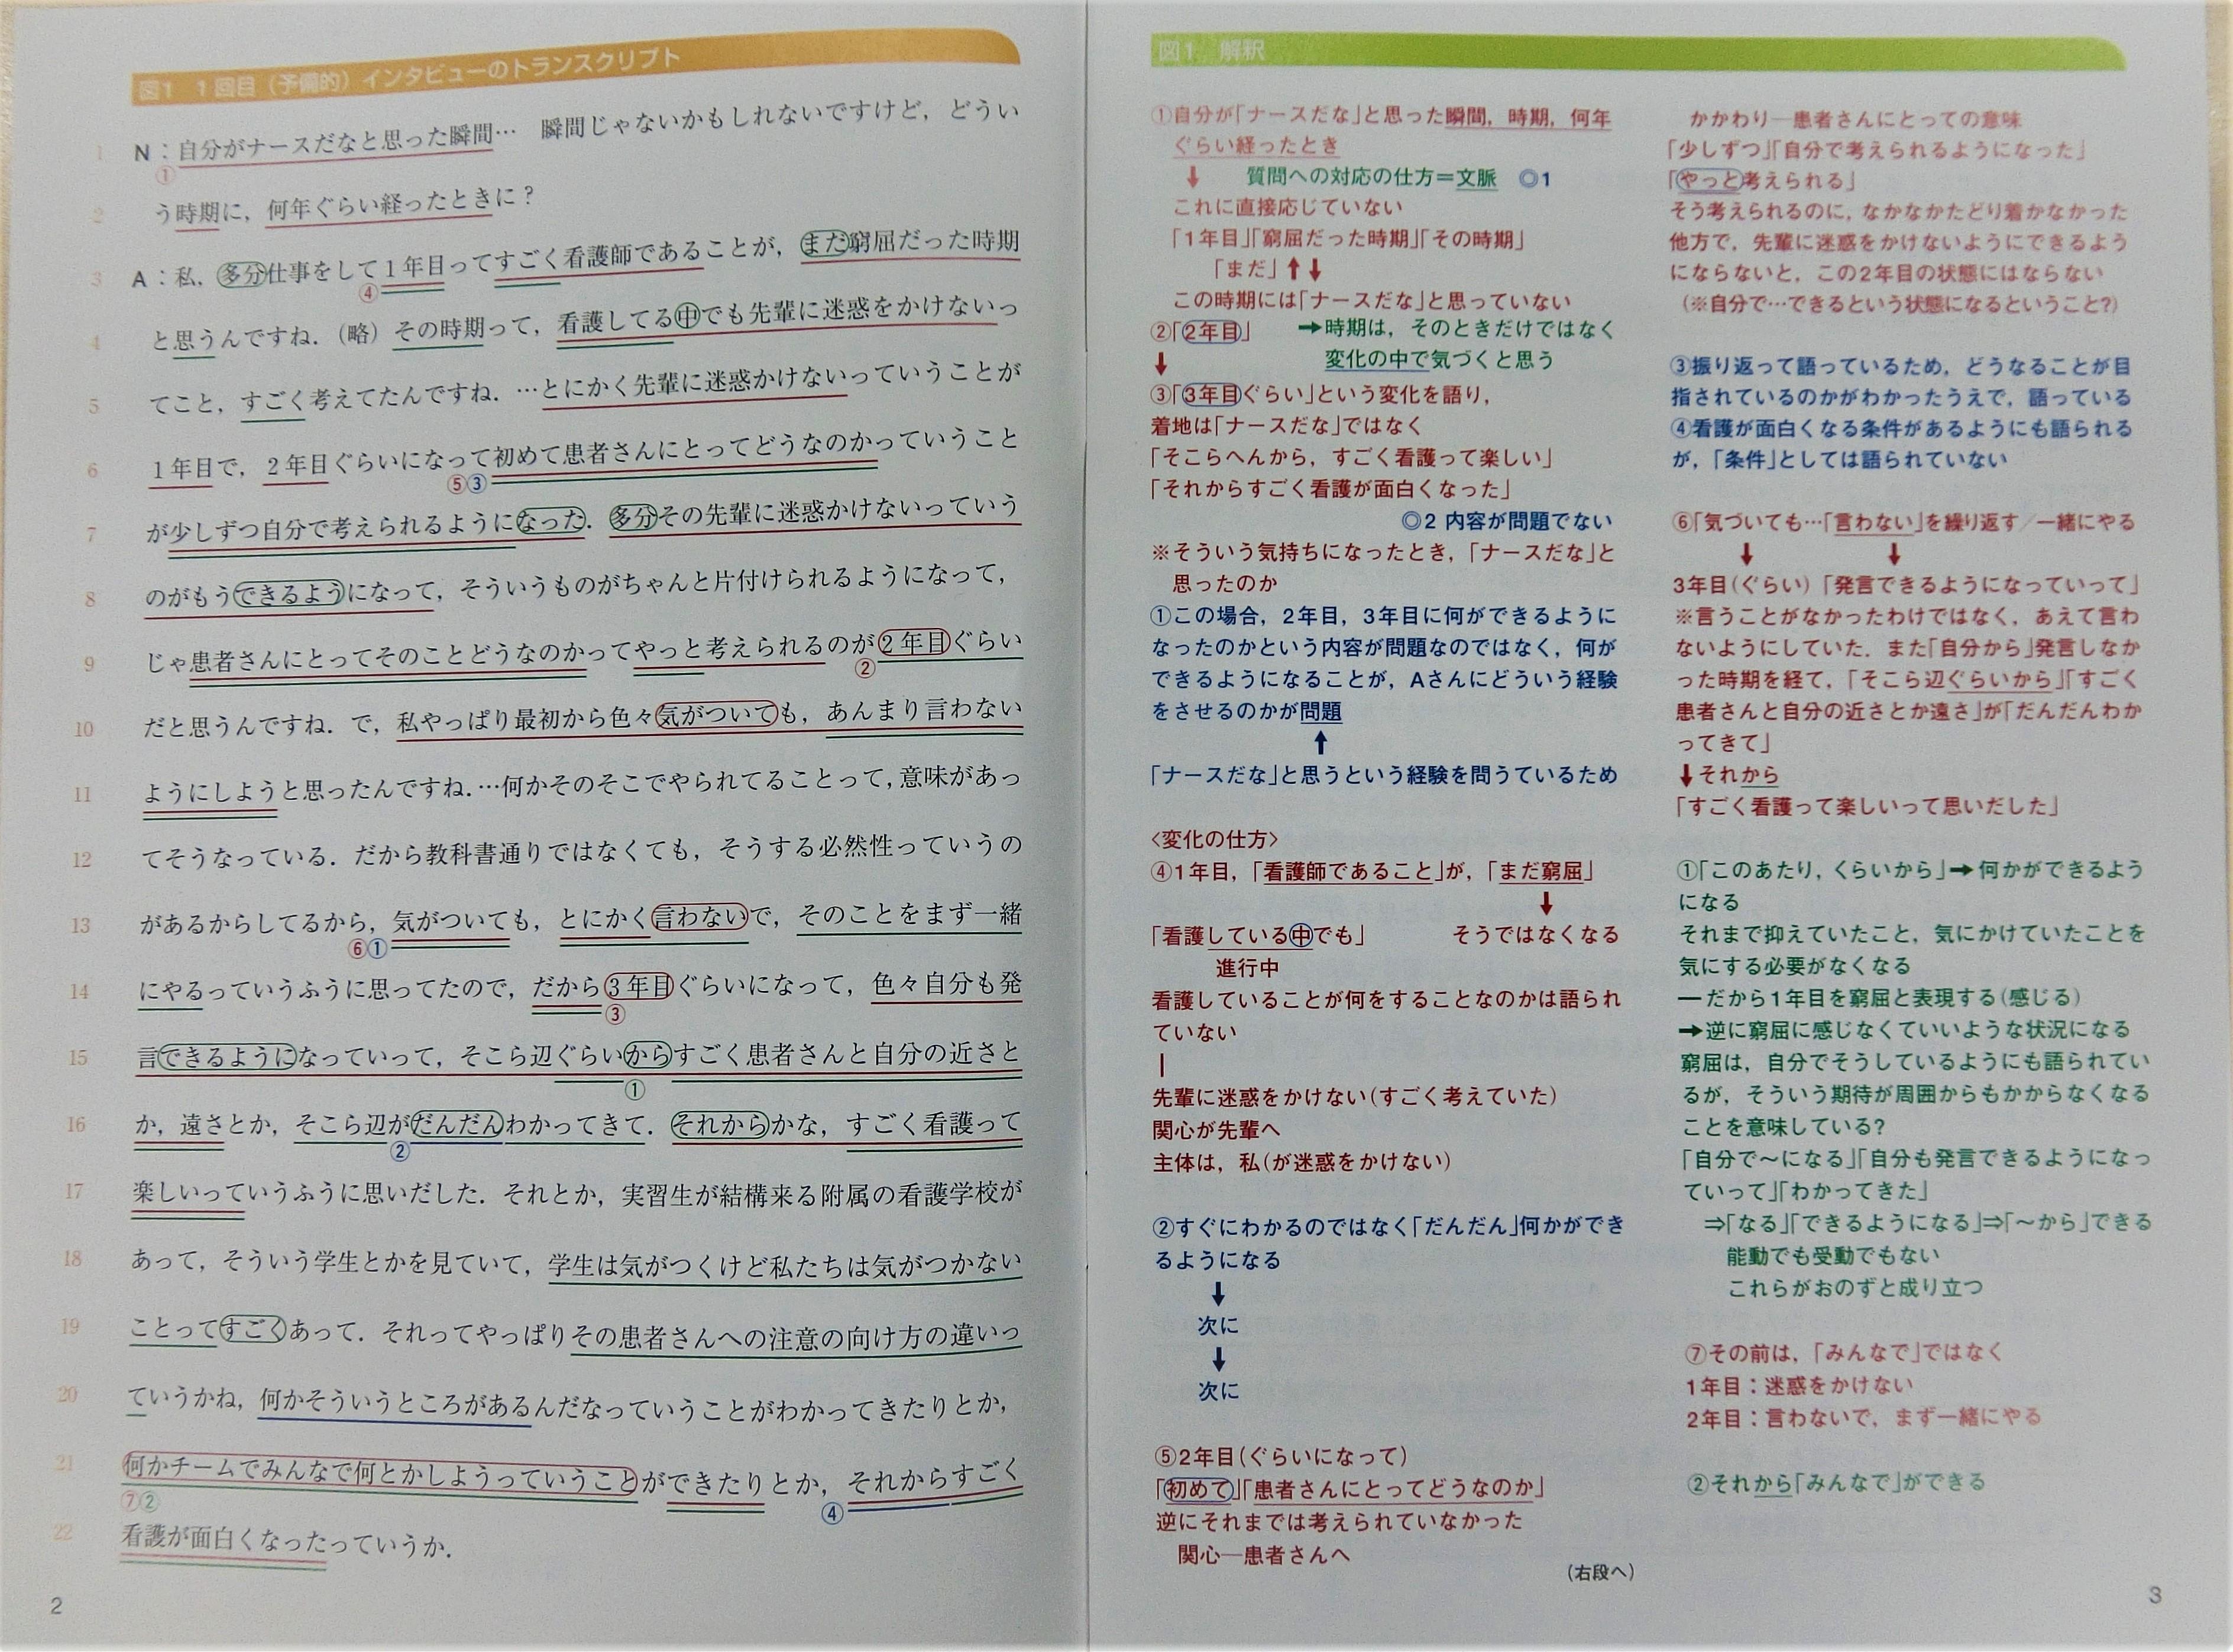 http://igs-kankan.com/article/ded978a25f7c9ef6b66c9527fb3f1fecf9ec7206.jpg